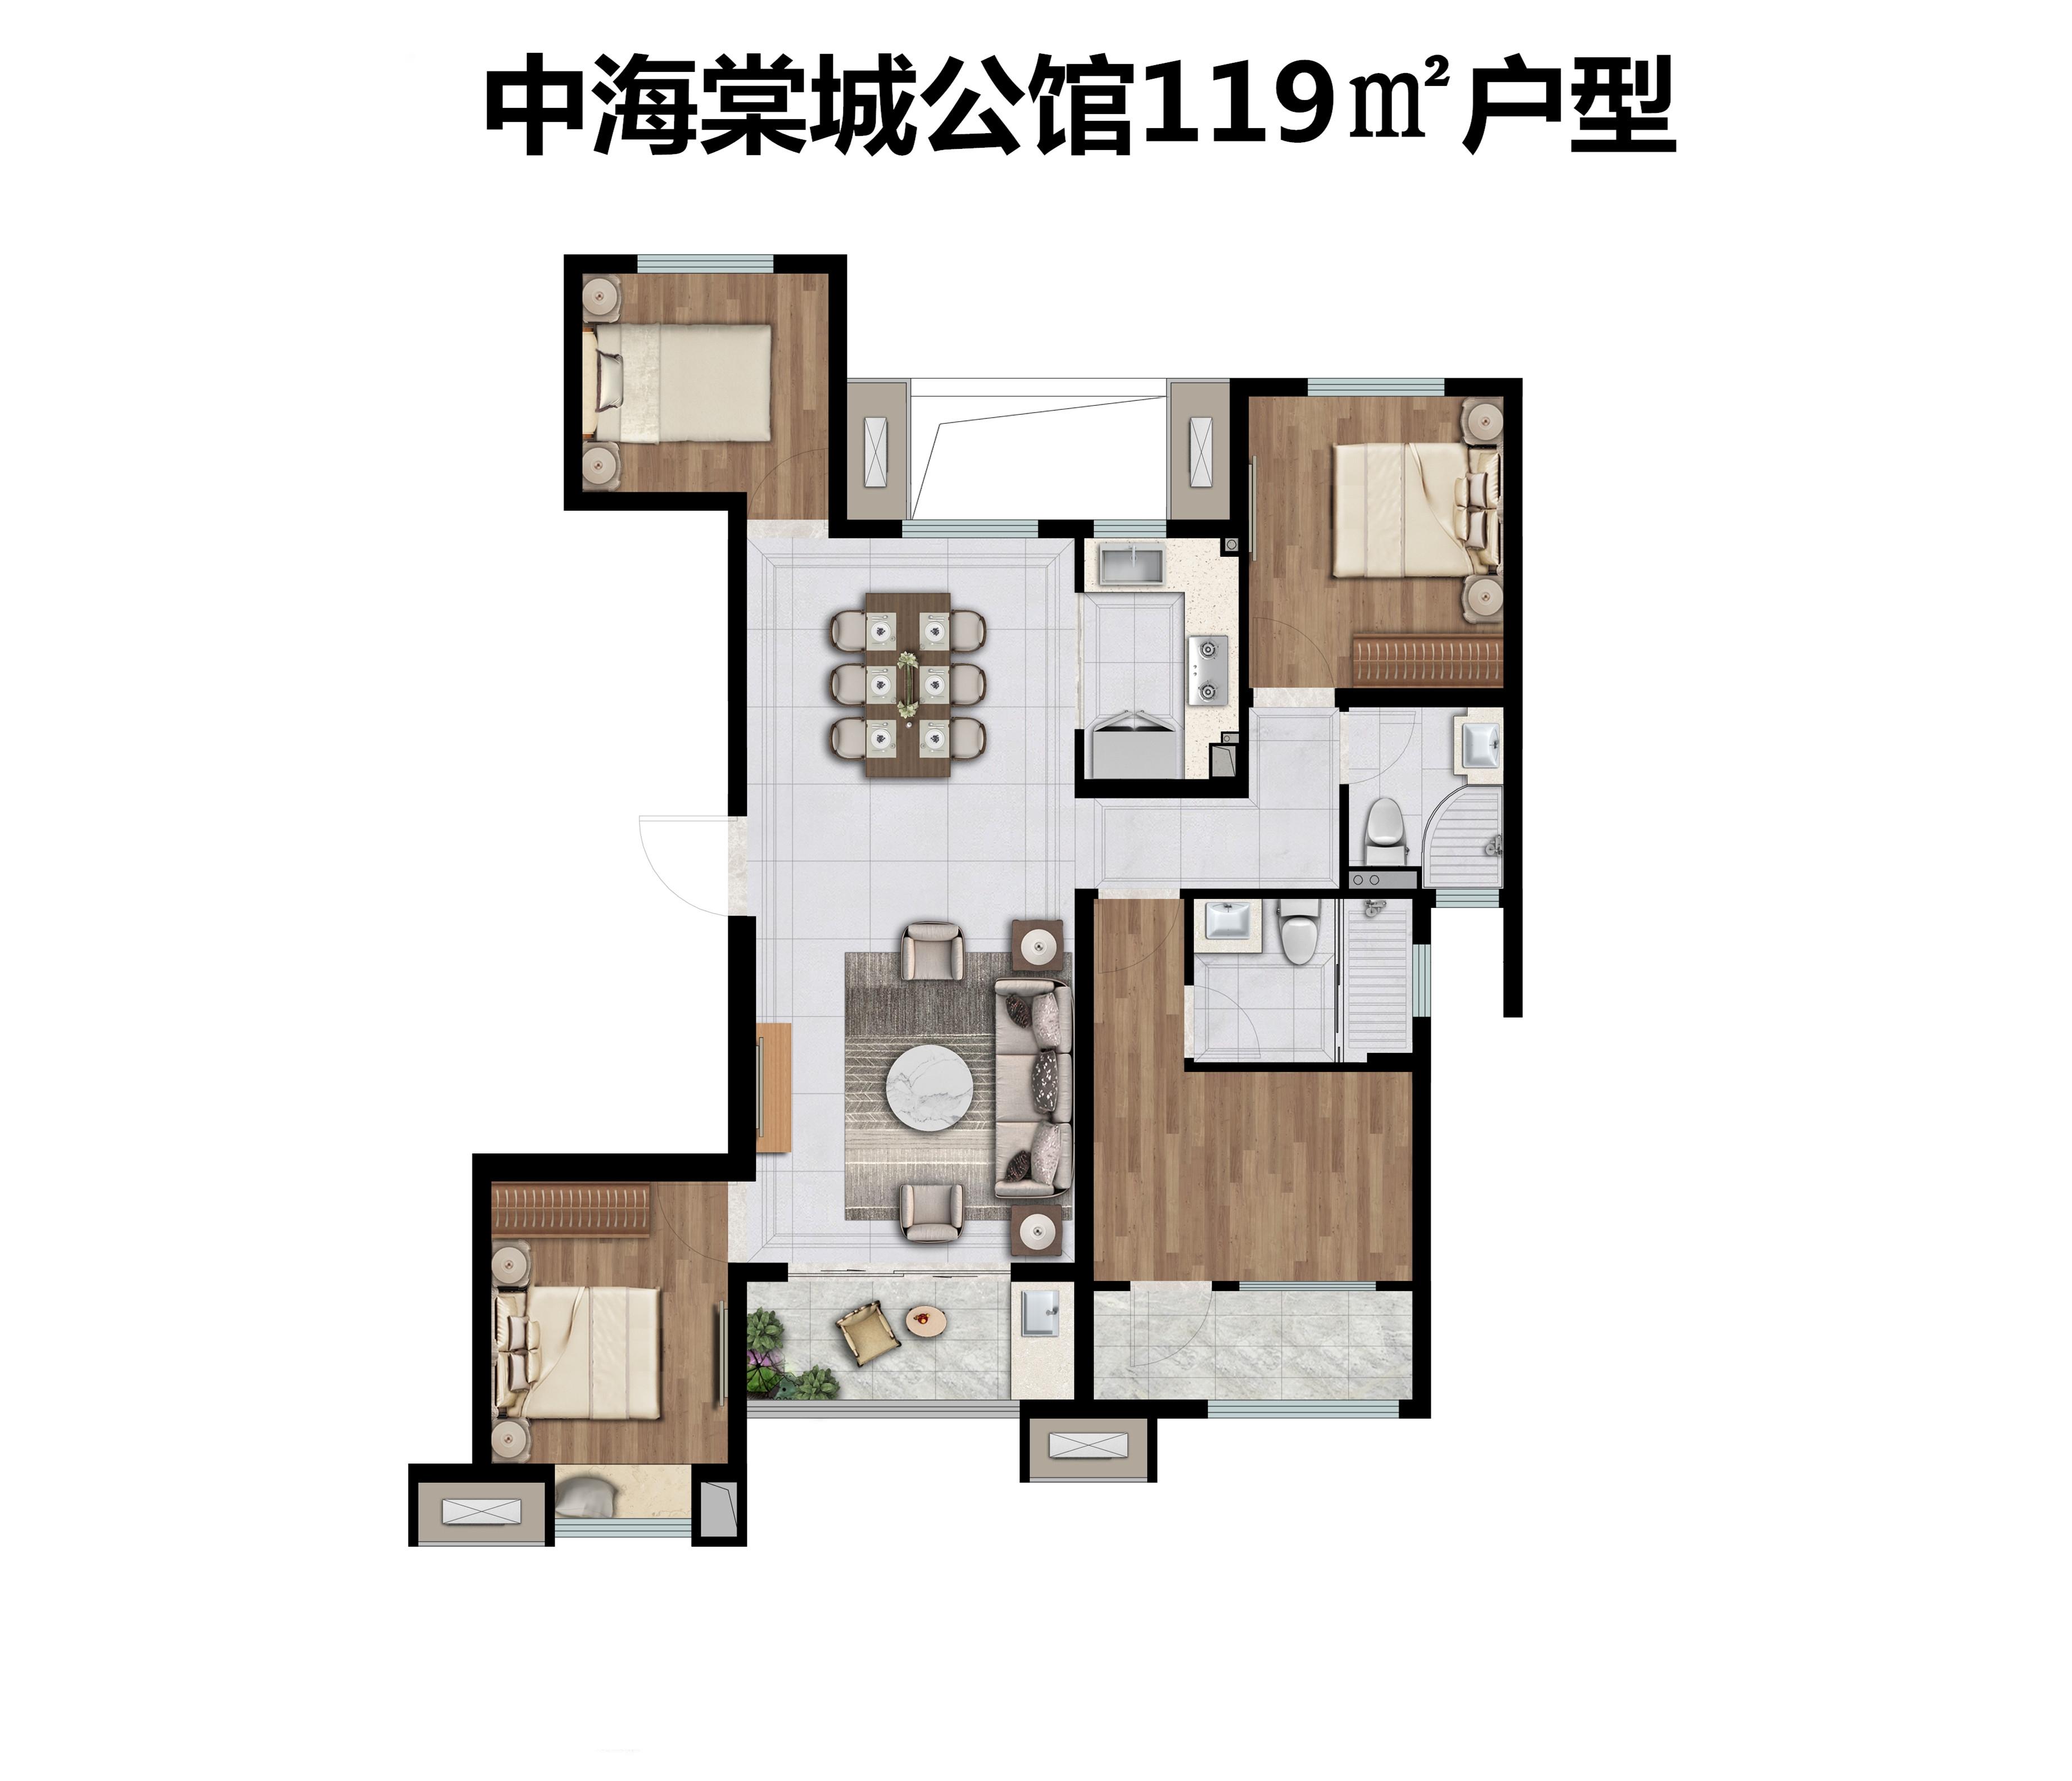 中海棠城公馆119㎡户型